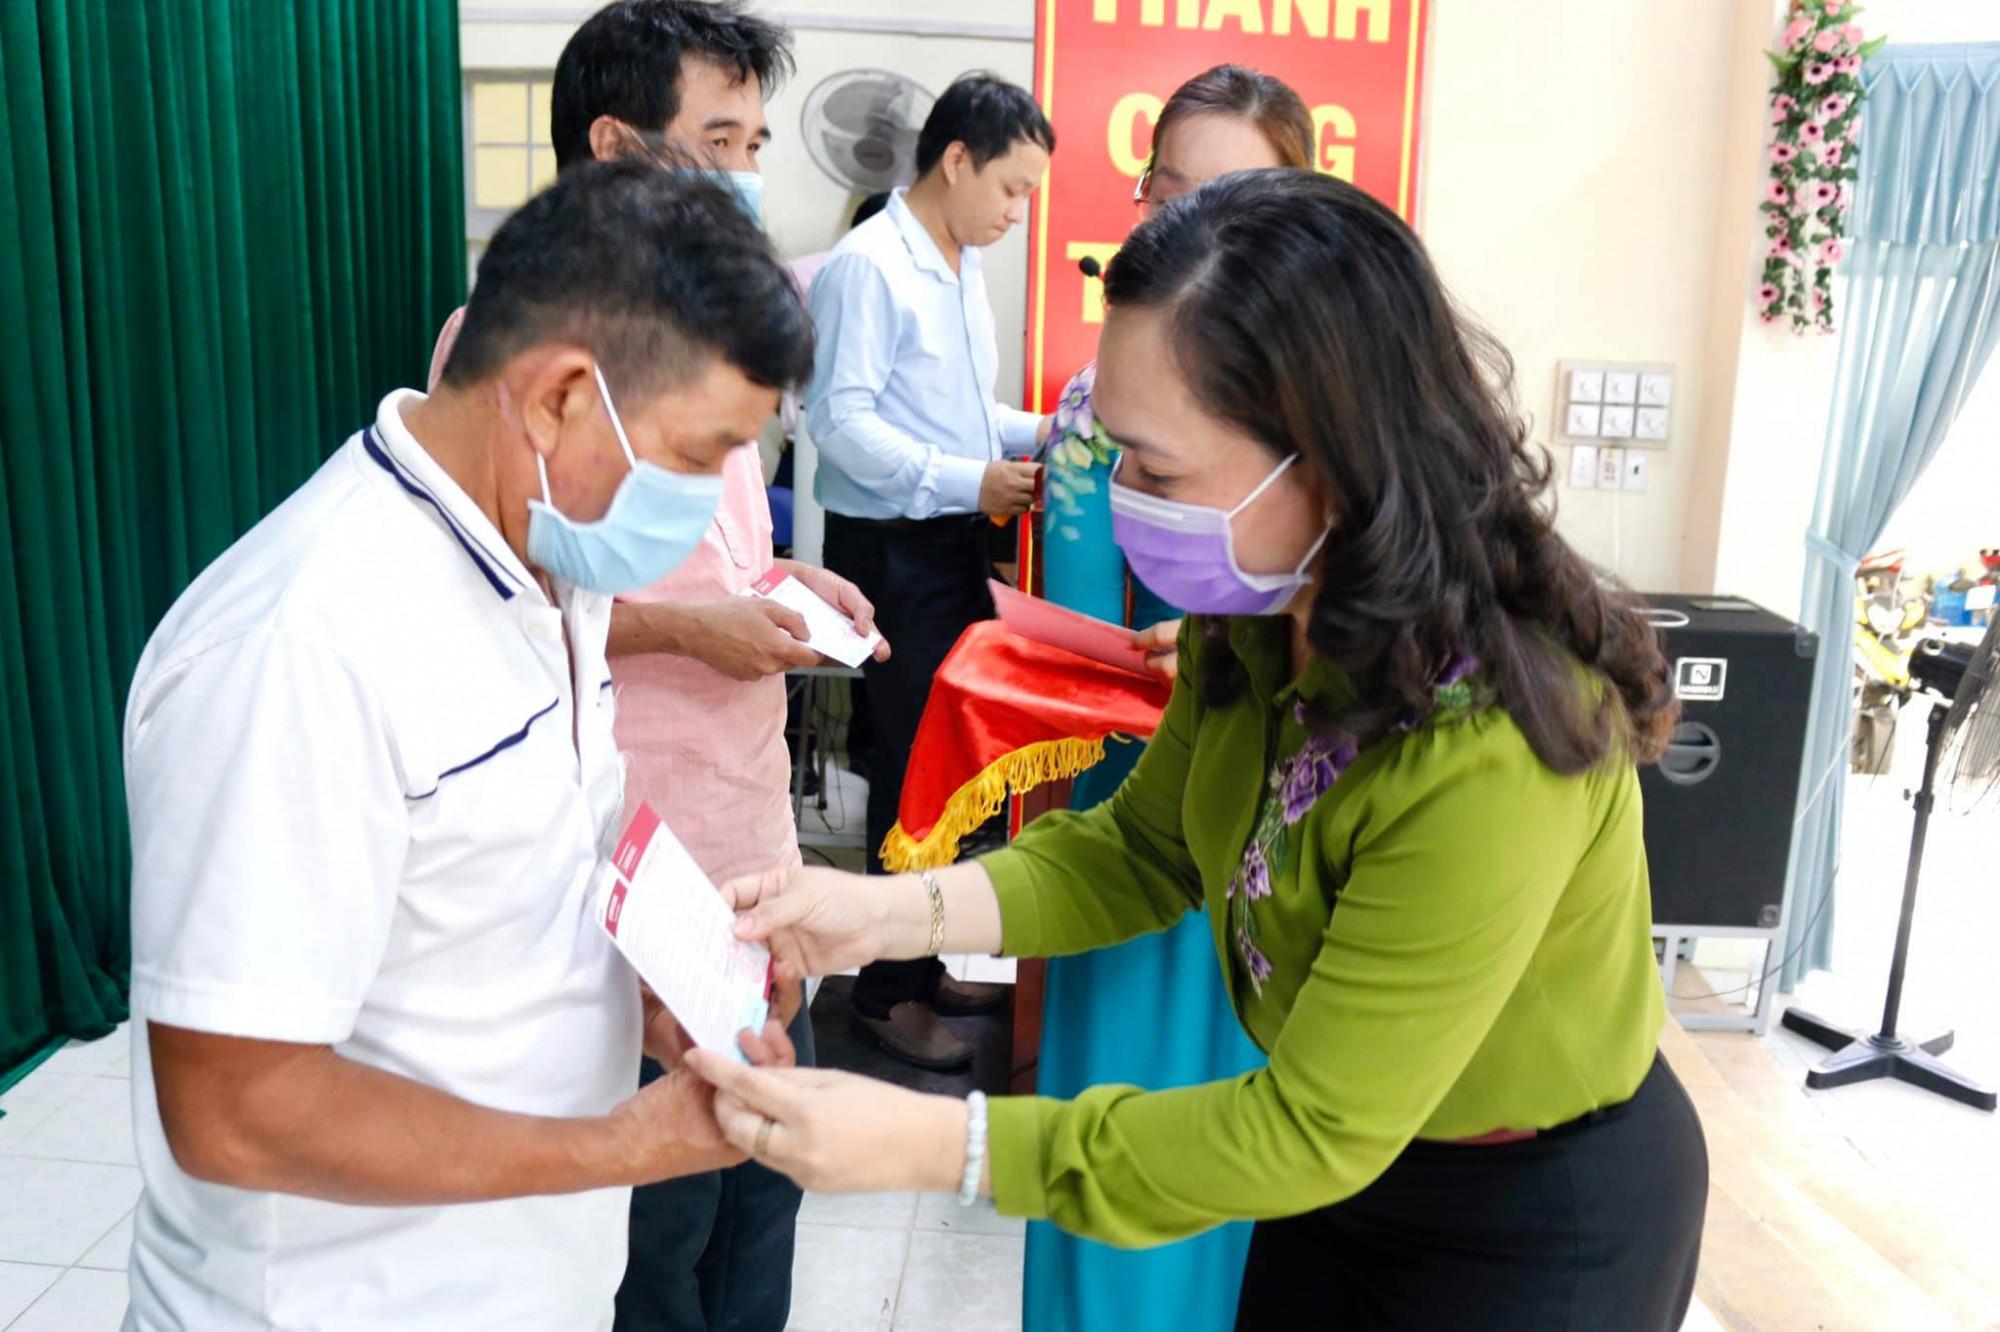 Bfa Ngueyexn Thanh Xuân - Chru tịch Hội Nông dân TP - trưởng khối thi đua 18 trao sổ tiết kiệm cho nông dân trên địa bàn huyện Củ Chi